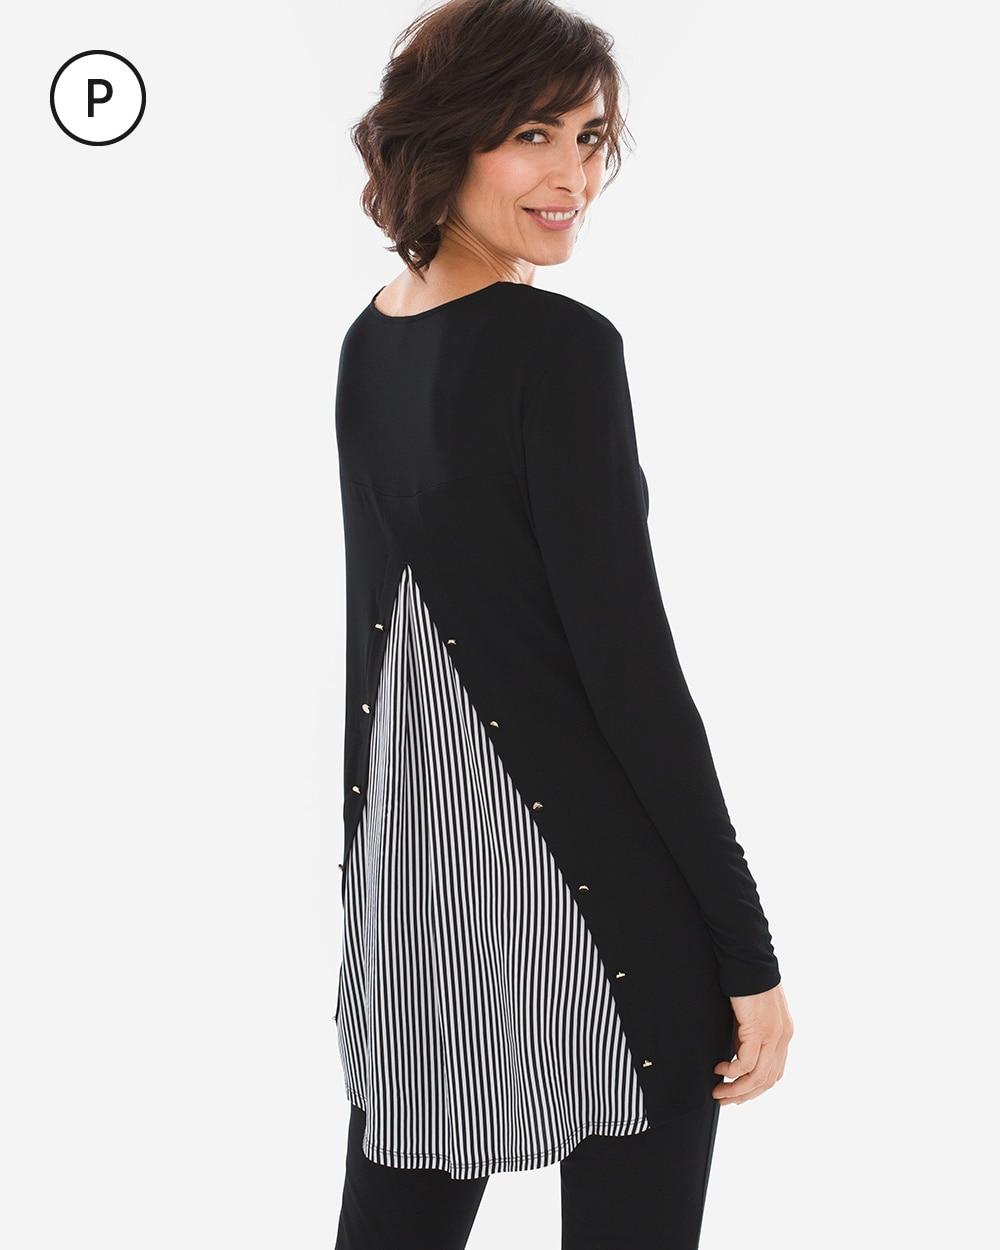 Petite Striped-Back Button Tunic